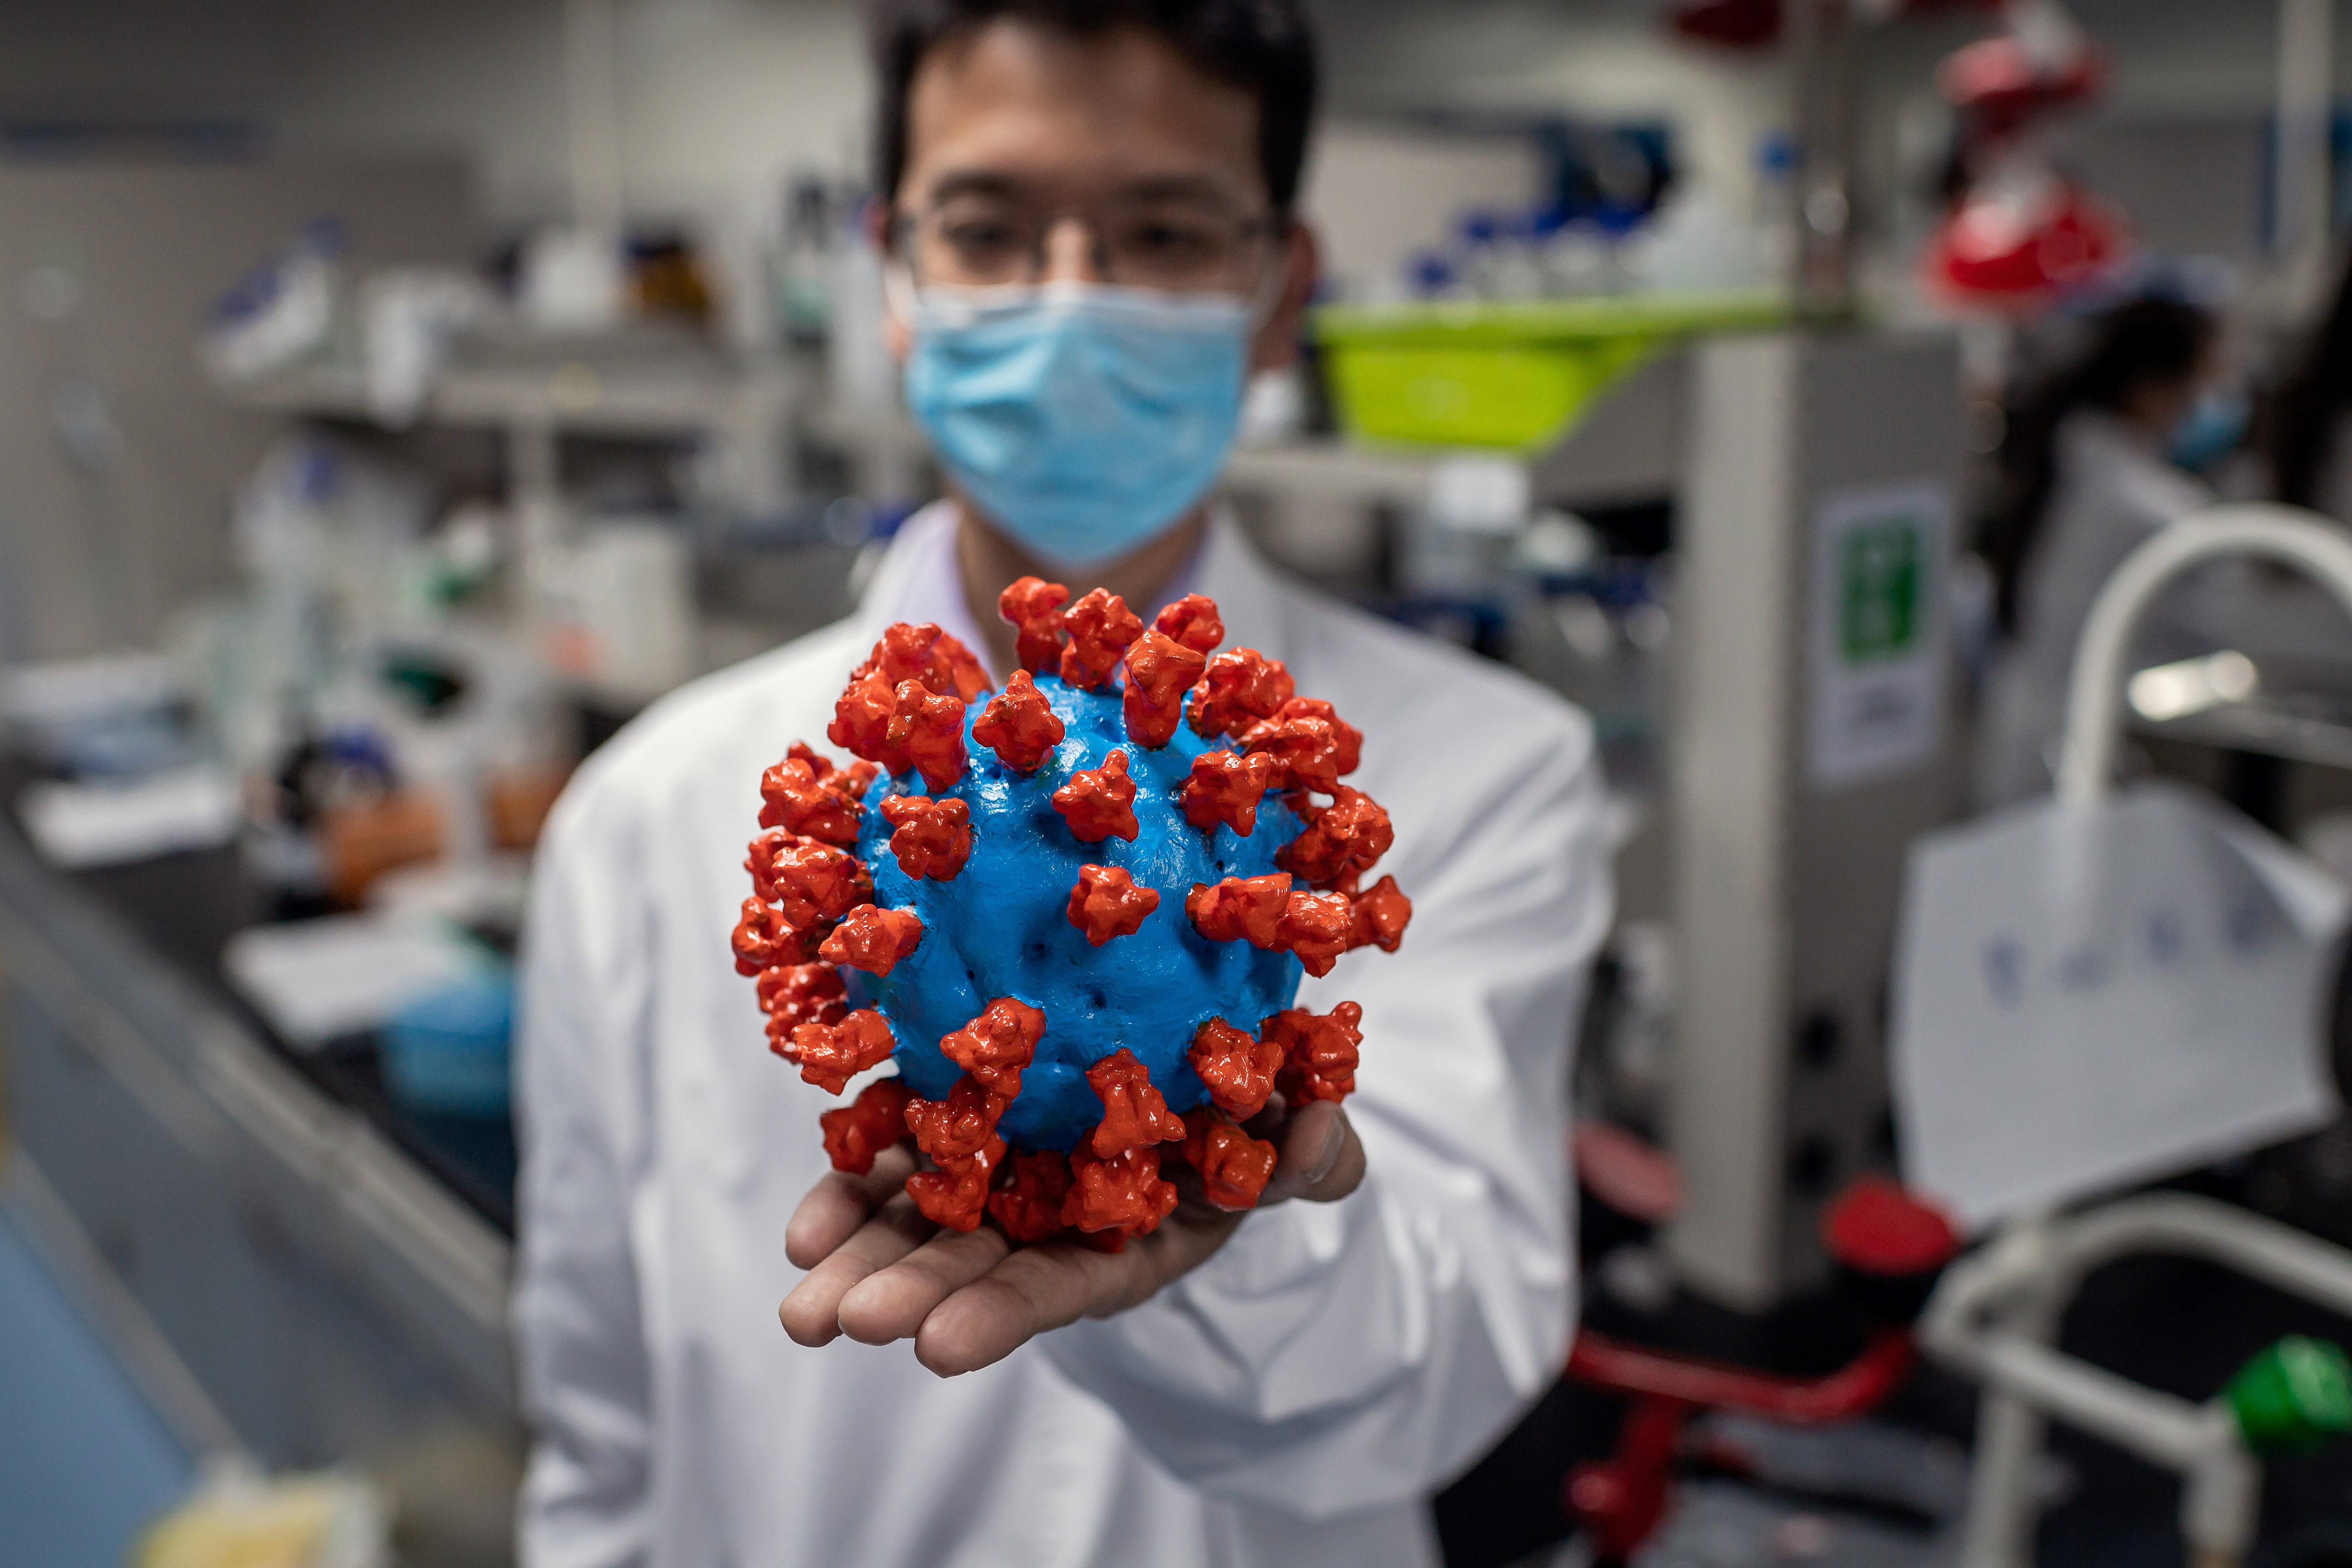 Covid-19 : Le virus n'est pas devenu moins pathogène, avertit l'OMS